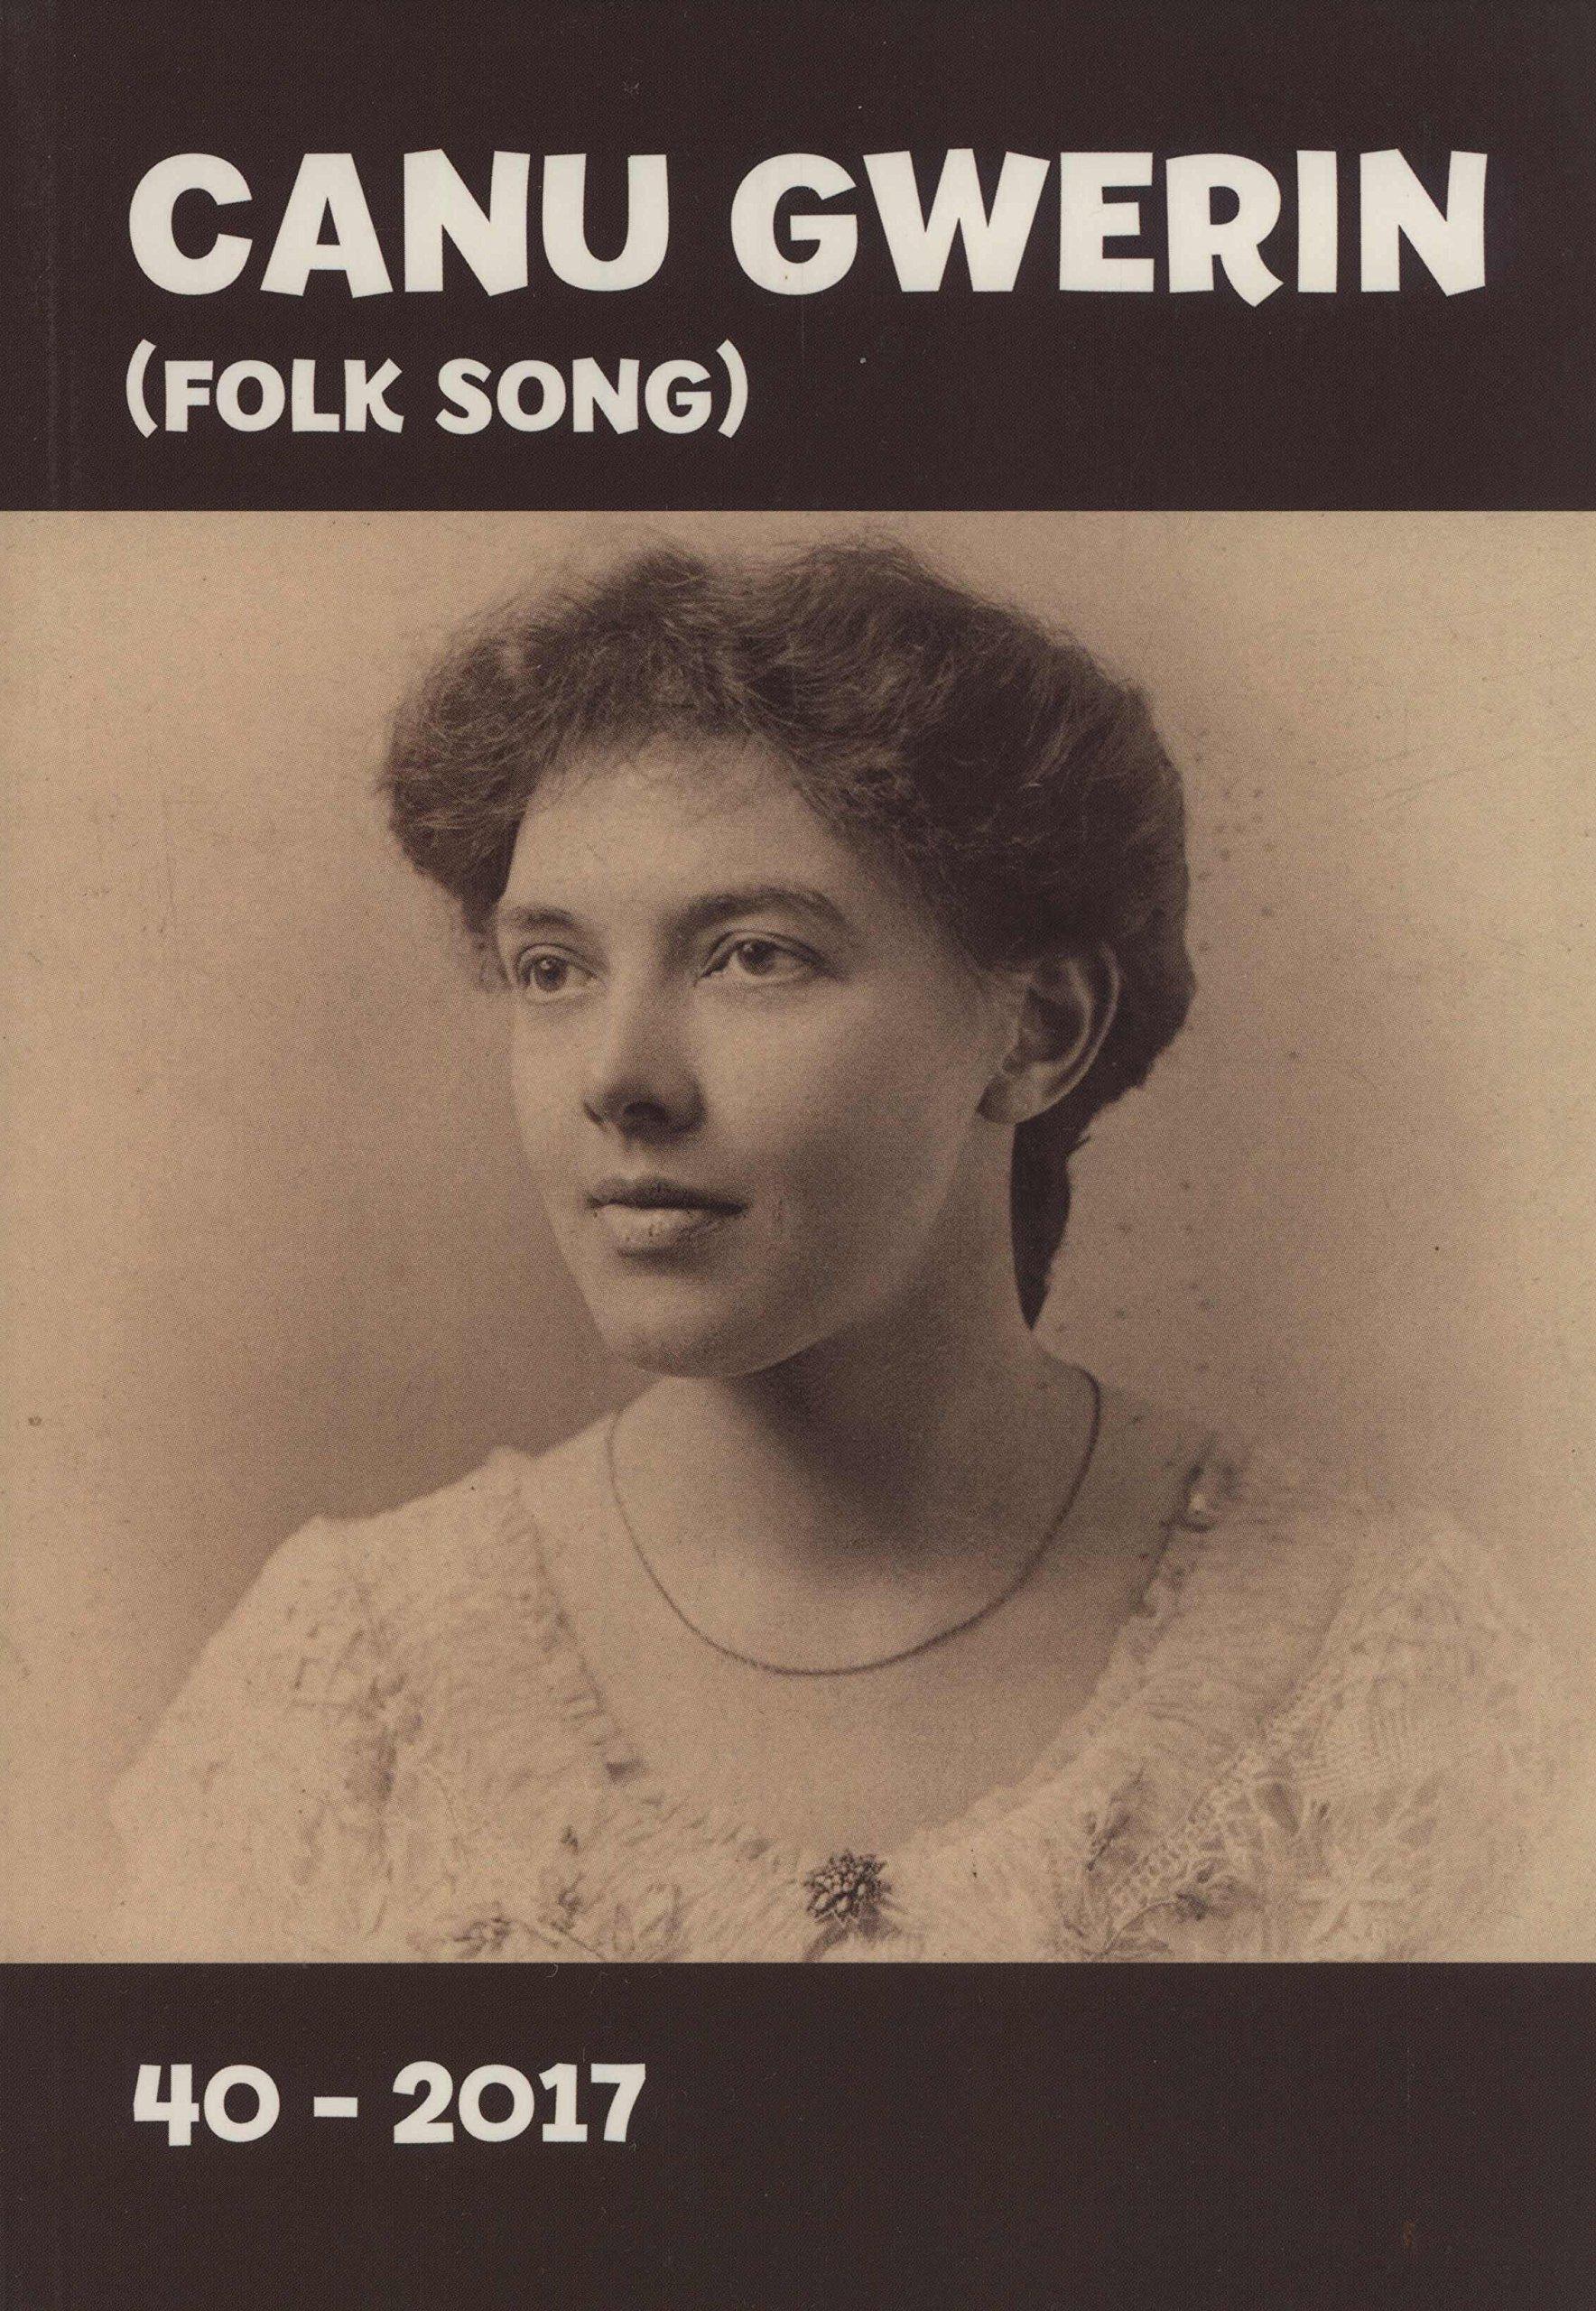 canu gwerin folk song cylchgrawn cymdethas alawon gwerin cymru journal of the welsh folk song society volume 40